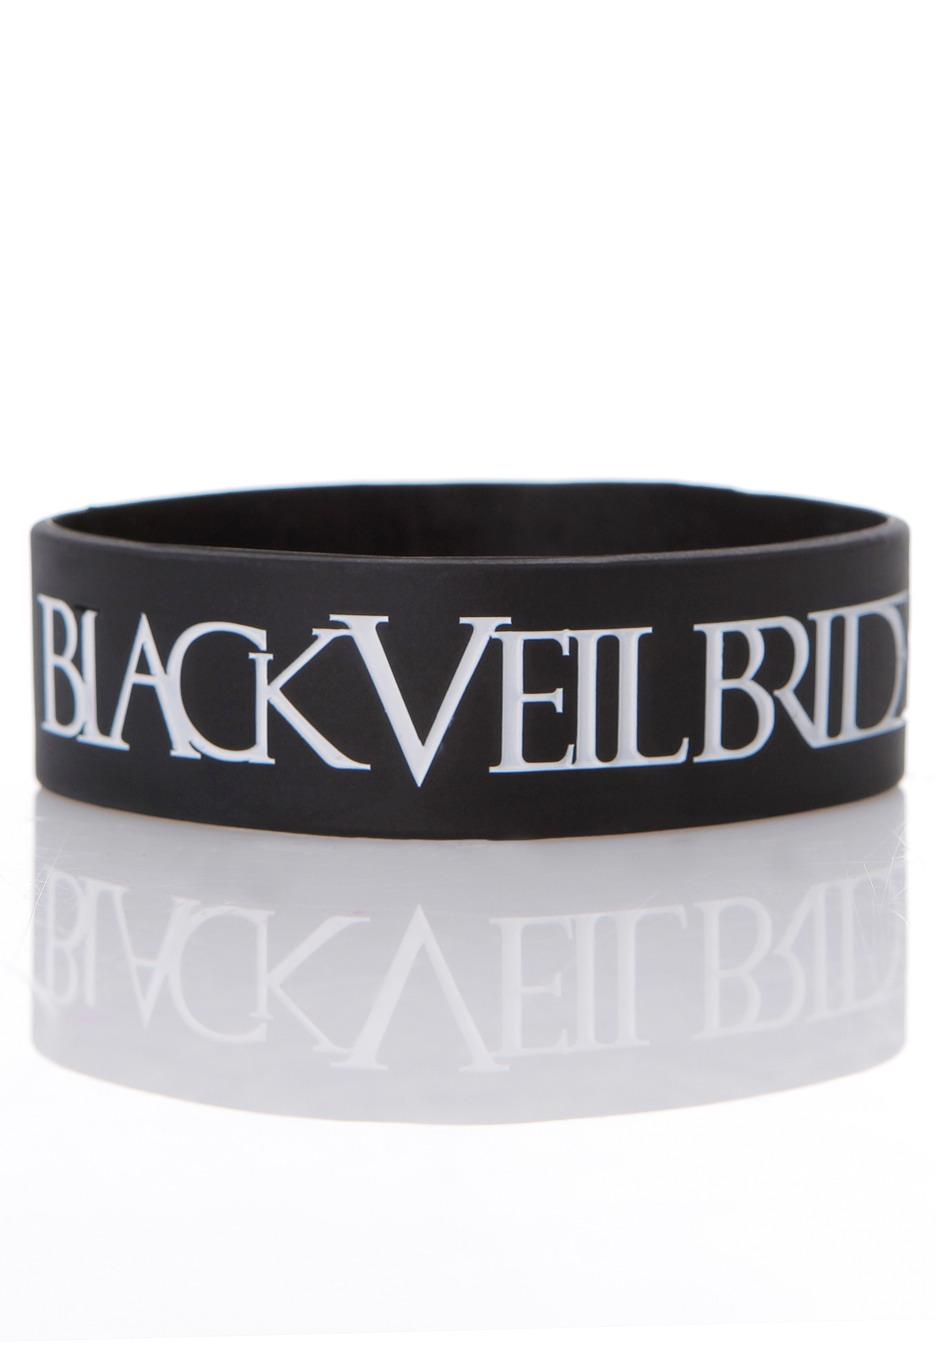 Black Veil Brides Shoes For Sale